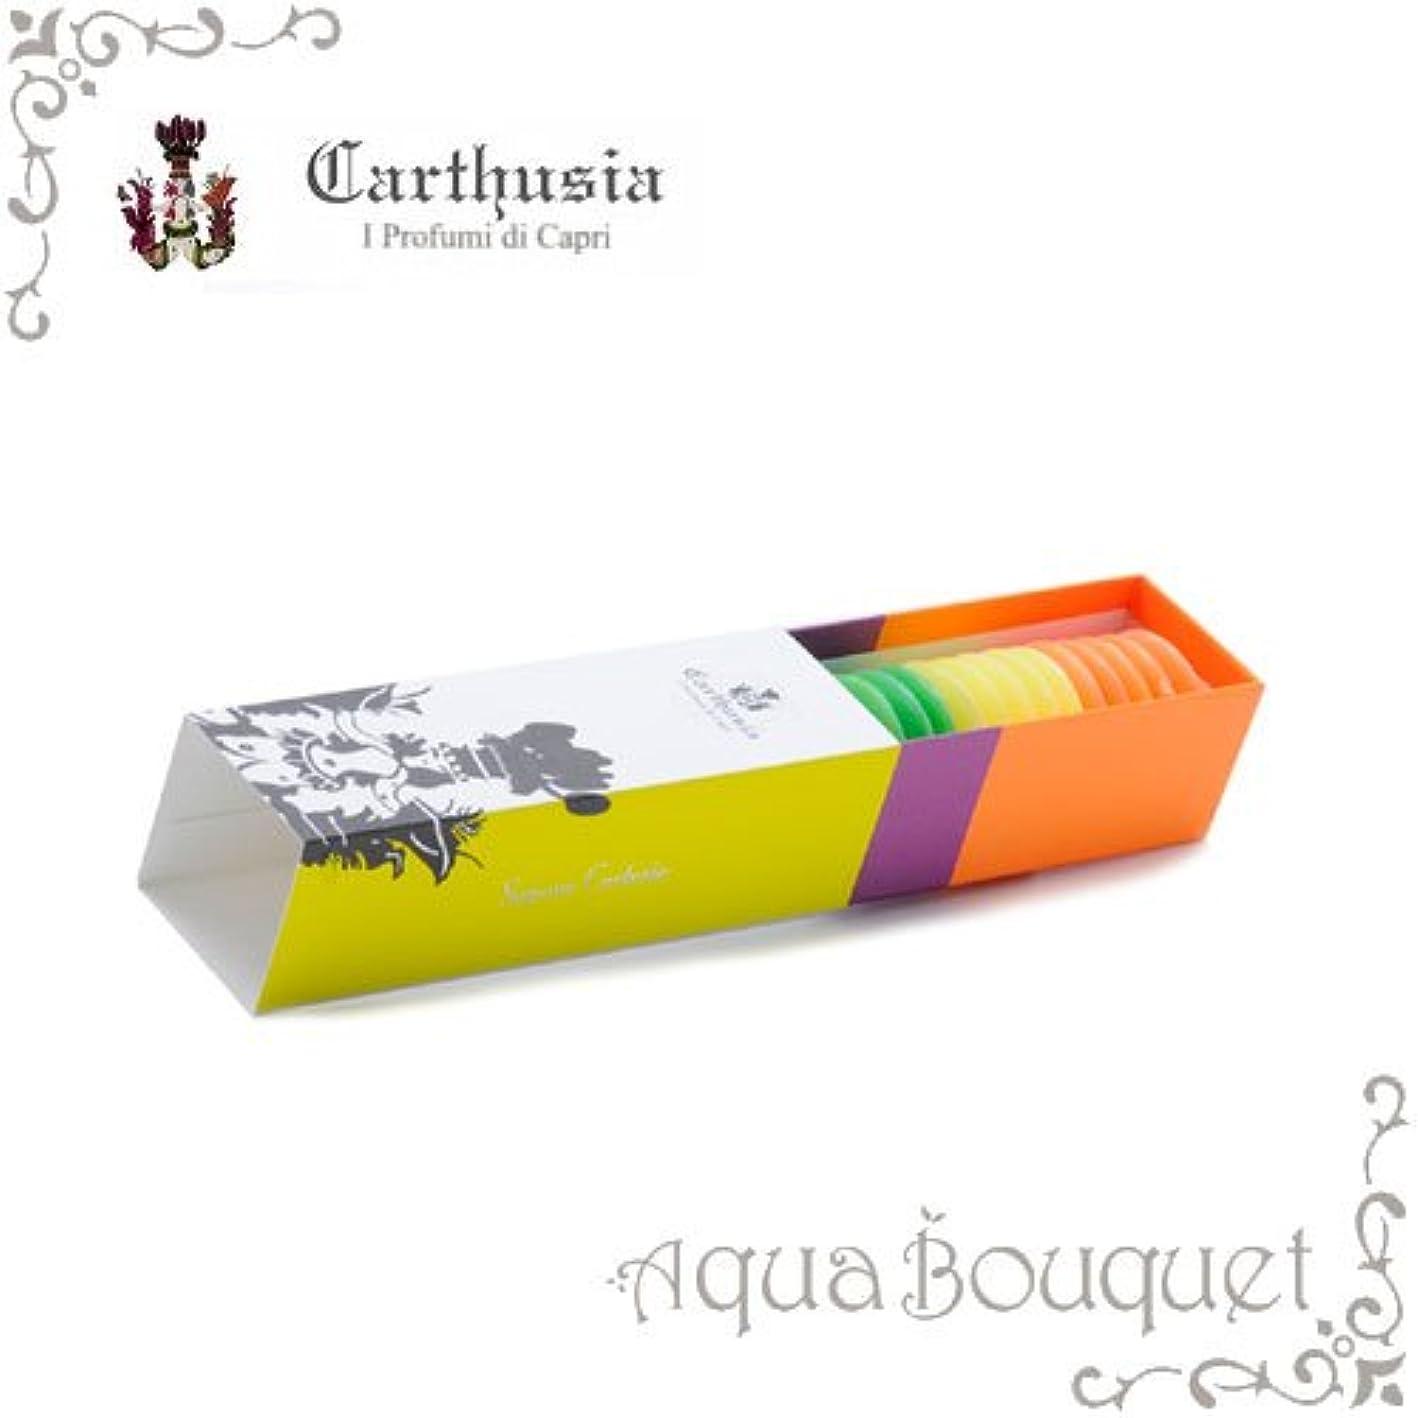 トラフィックリンク潜在的なカルトゥージア ゲストソープ 10g×20pcs CARTHUSIA GUEST SOAP [並行輸入品]